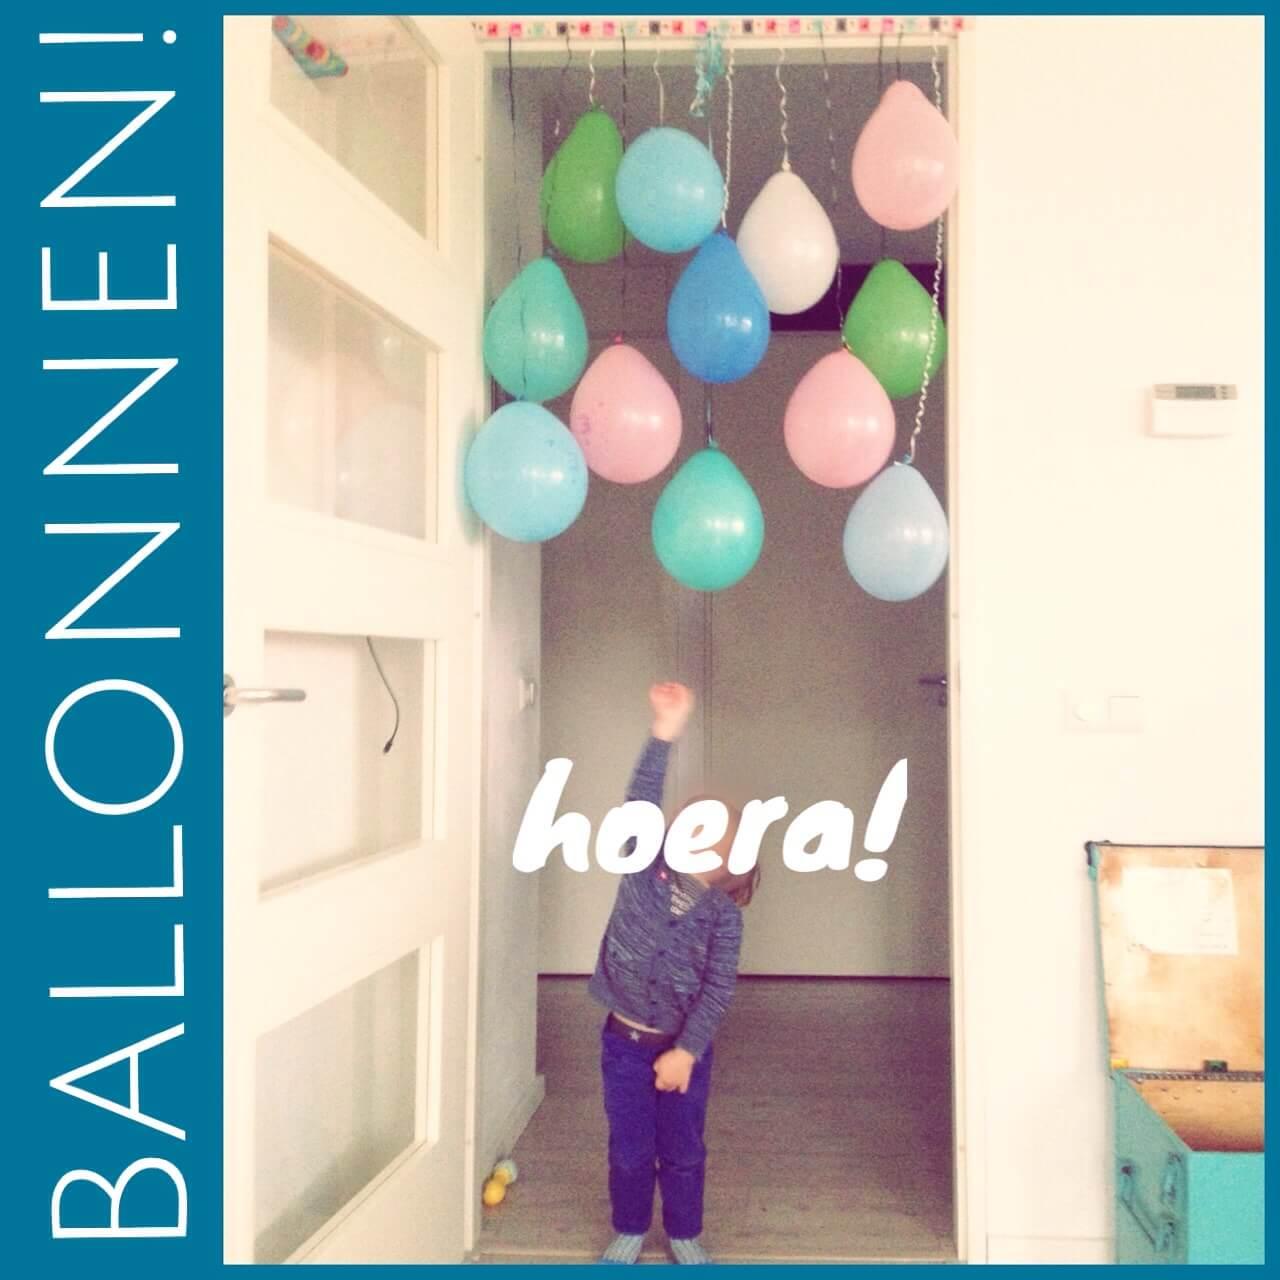 Verjaardagsballonnen om het huis te versieren op je verjaardag